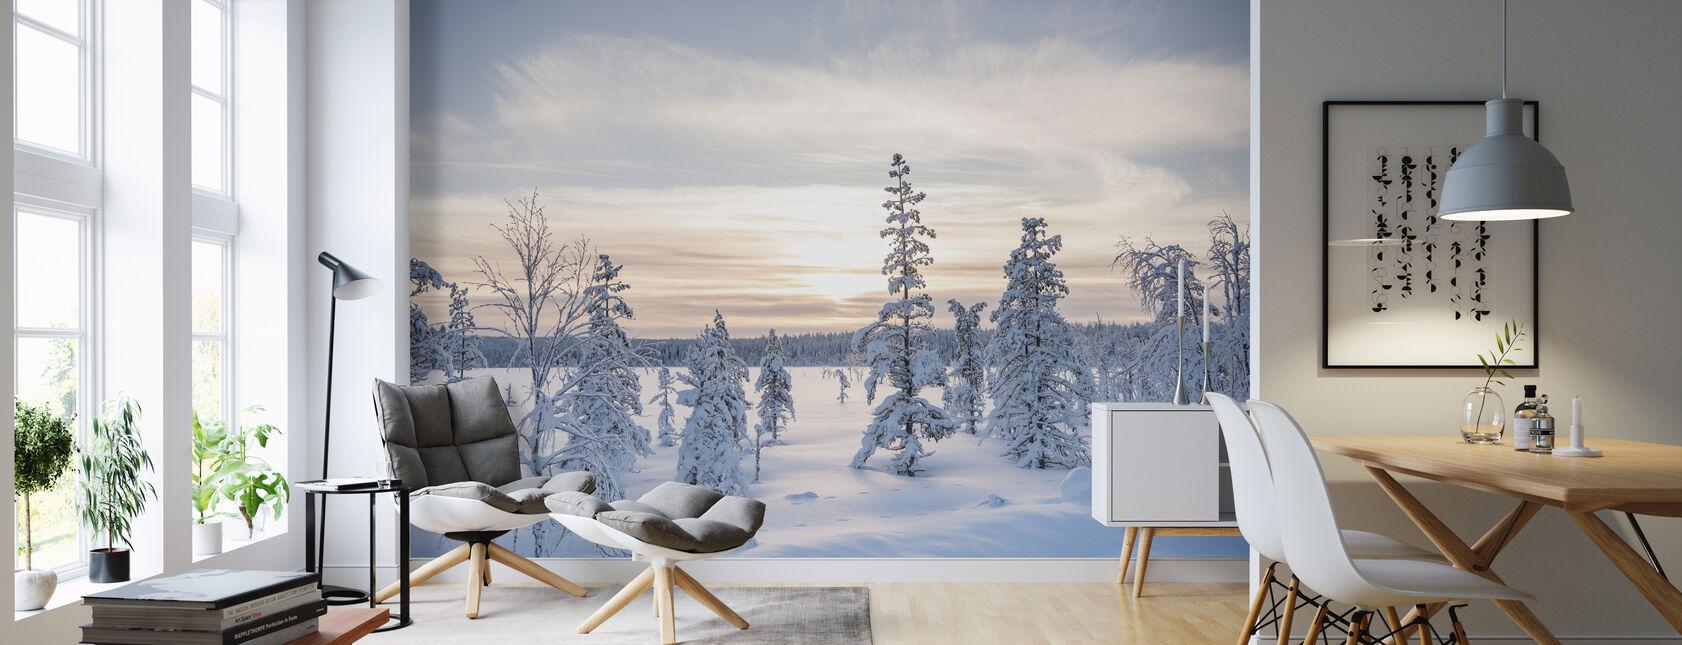 Día de Invierno - Papel pintado - Salón